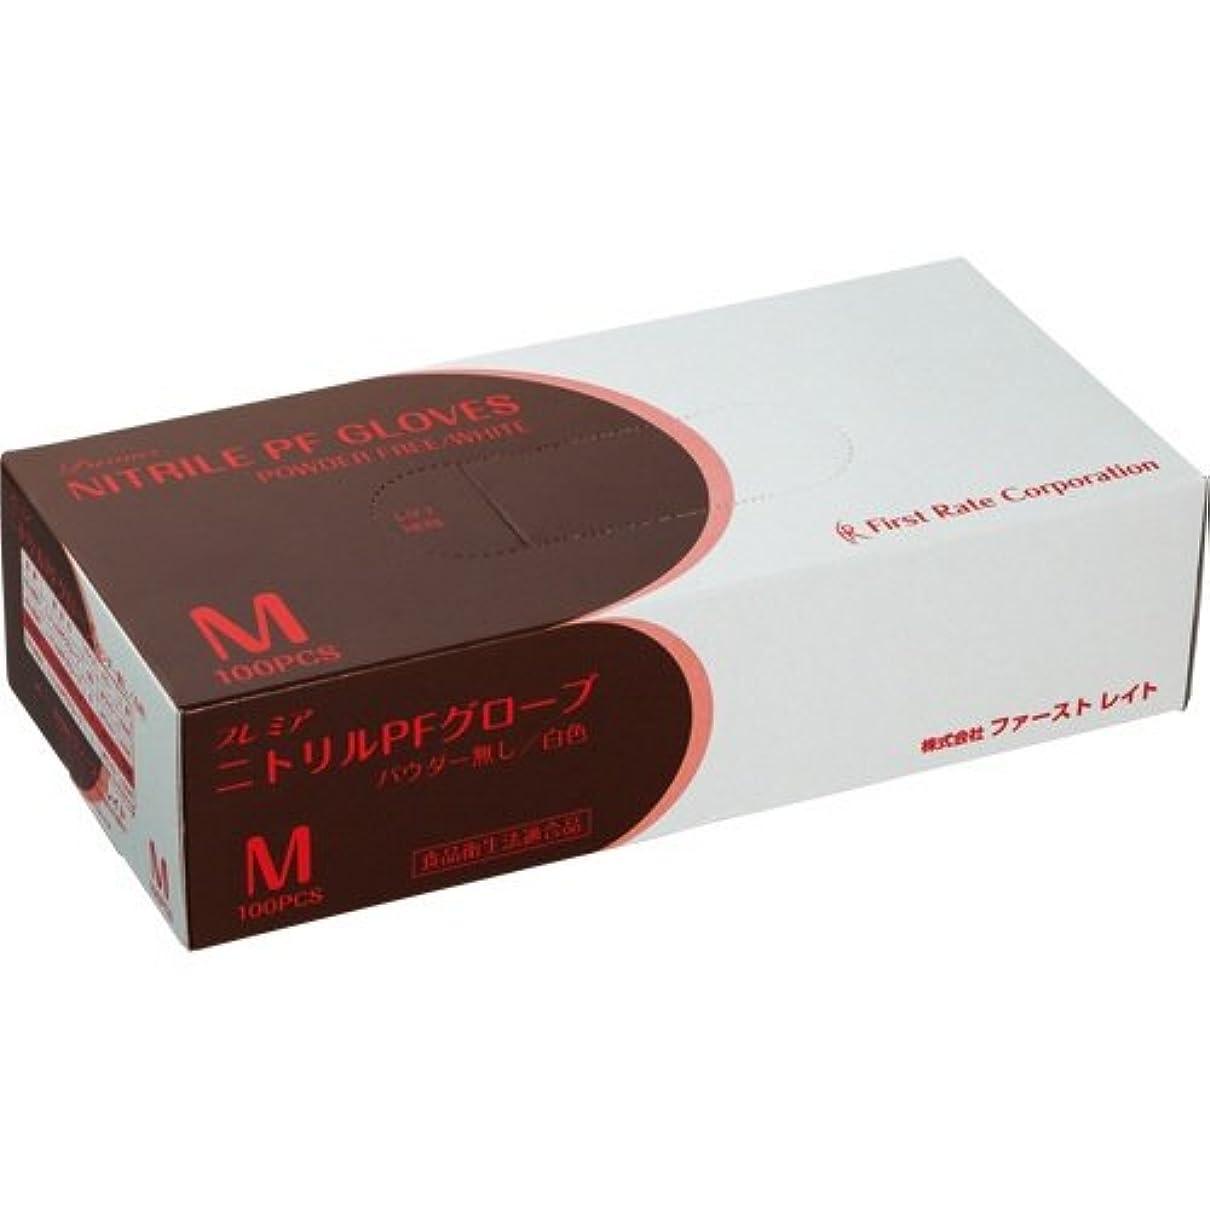 蒸し器熟考する誇りファーストレイト プレミアニトリルPFグローブ パウダーフリー ホワイト M FR-857 1セット(1000枚:100枚×10箱)